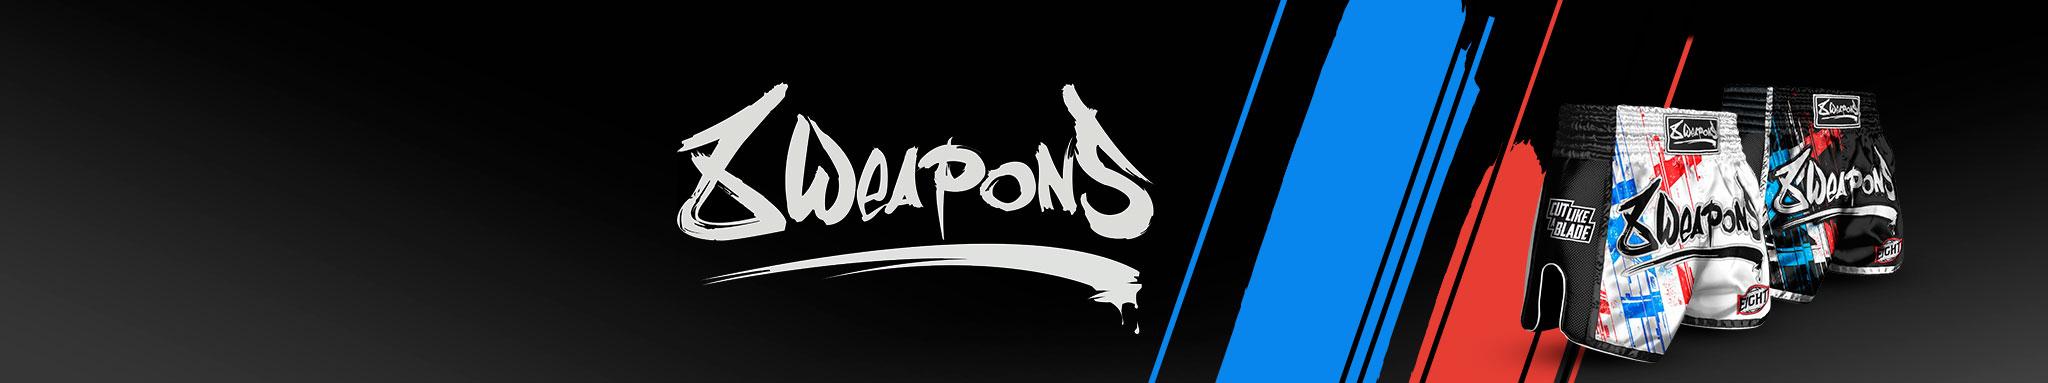 8 WEAPONS : vêtements, équipements & accessoires de la marque 8 WEAPONS | Dragon Bleu